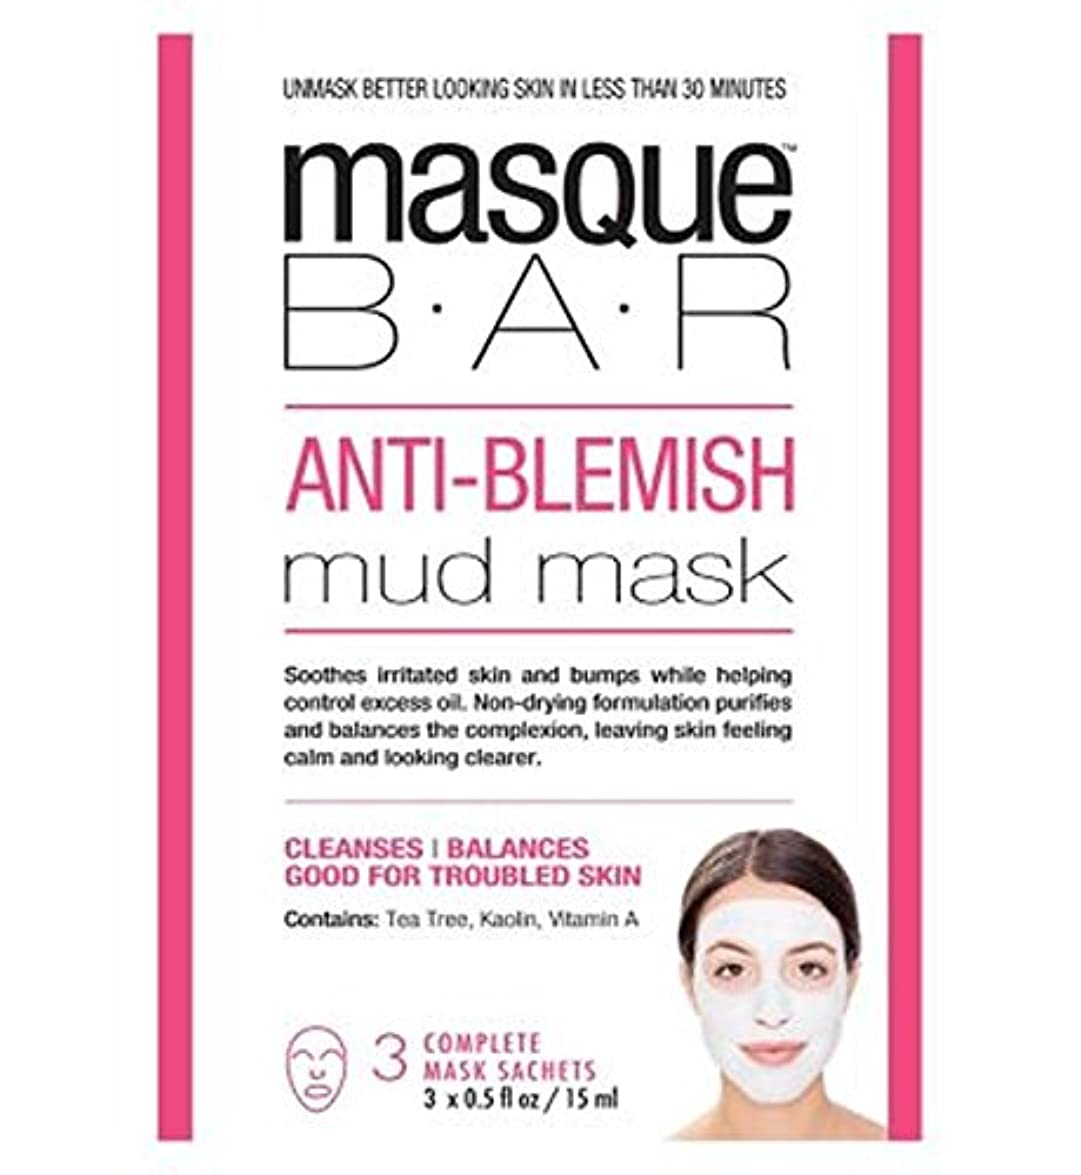 探す奪うリビングルームMasque Bar Anti-Blemish Mud Mask - 3s - 仮面劇バー抗傷泥マスク - 3S (P6B Masque Bar Bt) [並行輸入品]